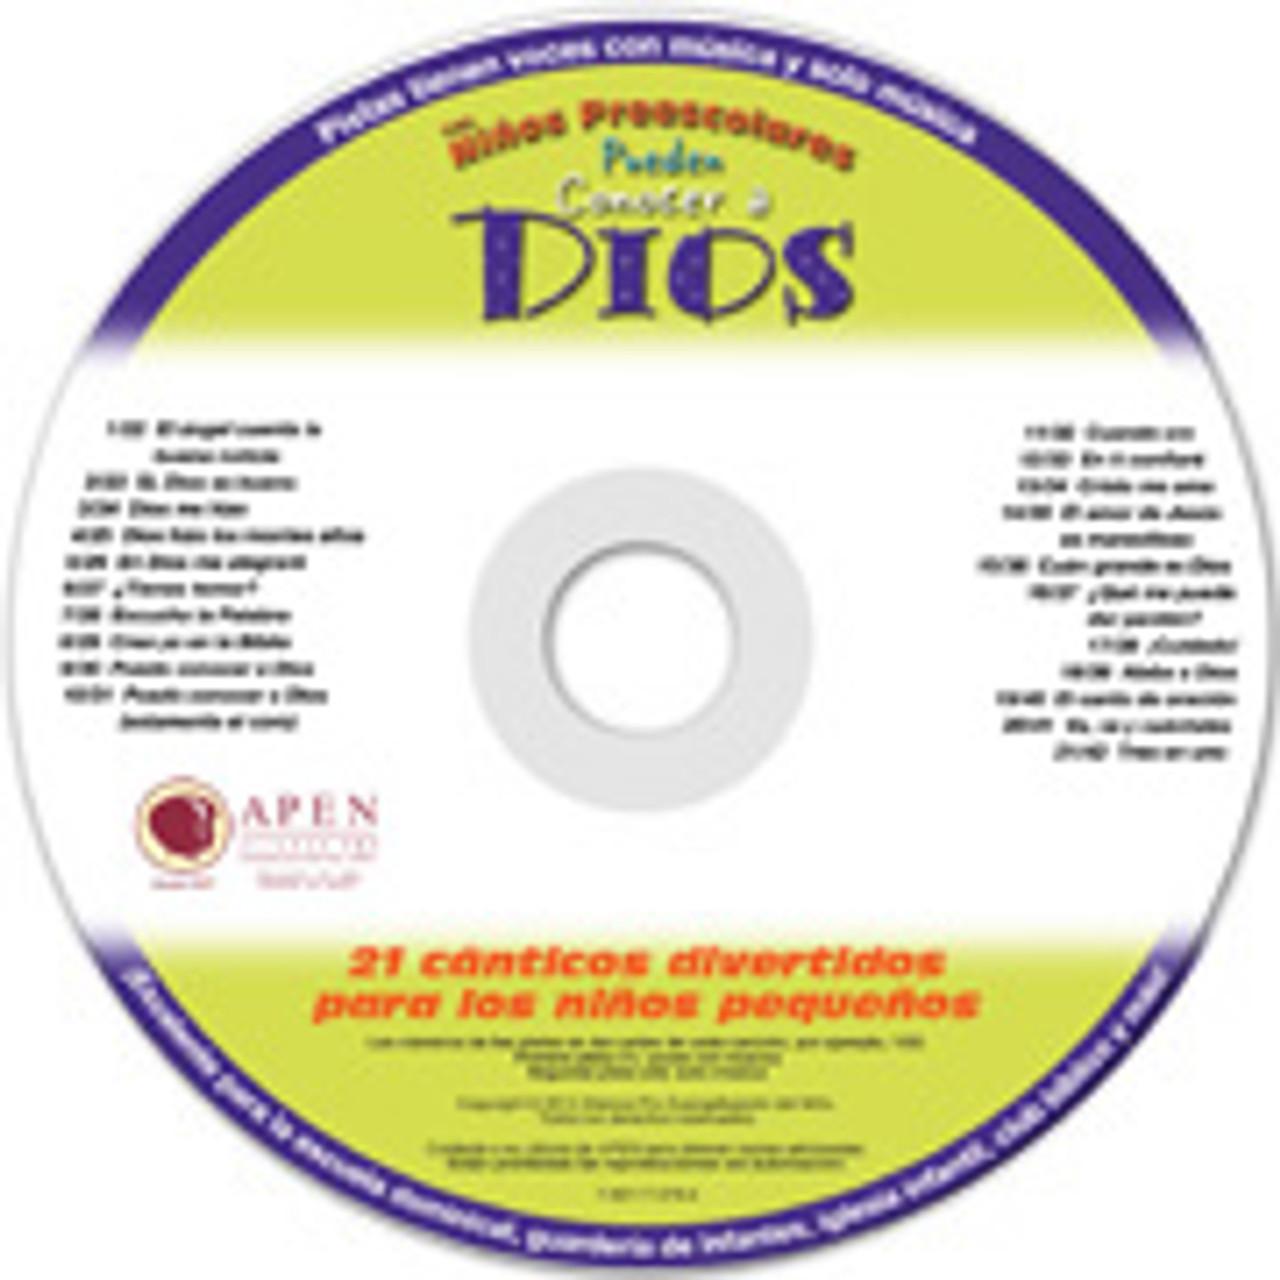 Los niños preescolares pueden conocer a Dios (music cd)